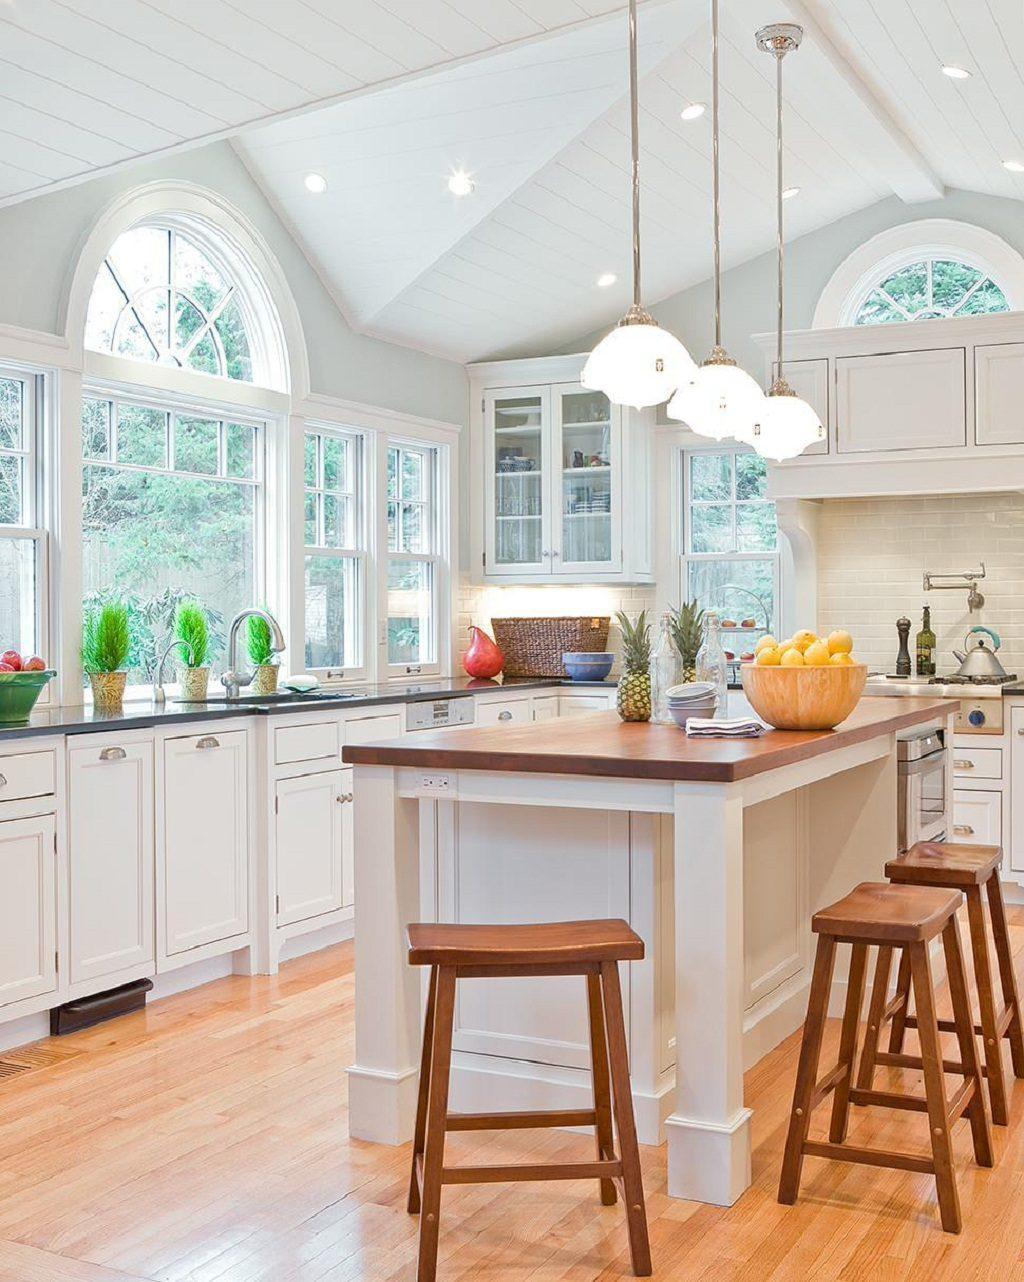 10 xu hướng thiết kế phòng bếp đẹp ấn tượng và mới nhất - 14